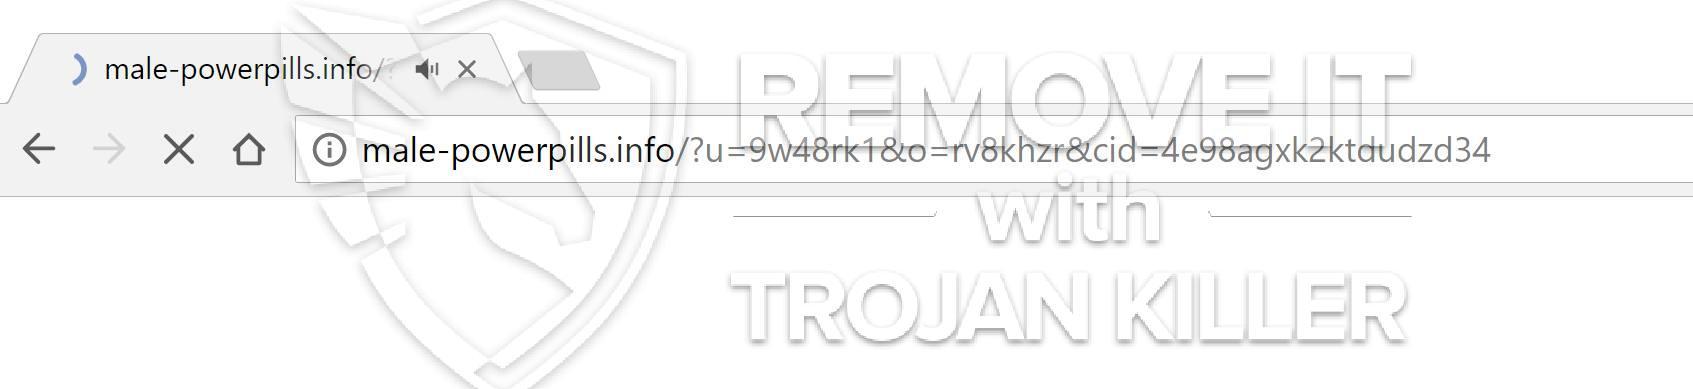 remove Male-powerpills.info virus